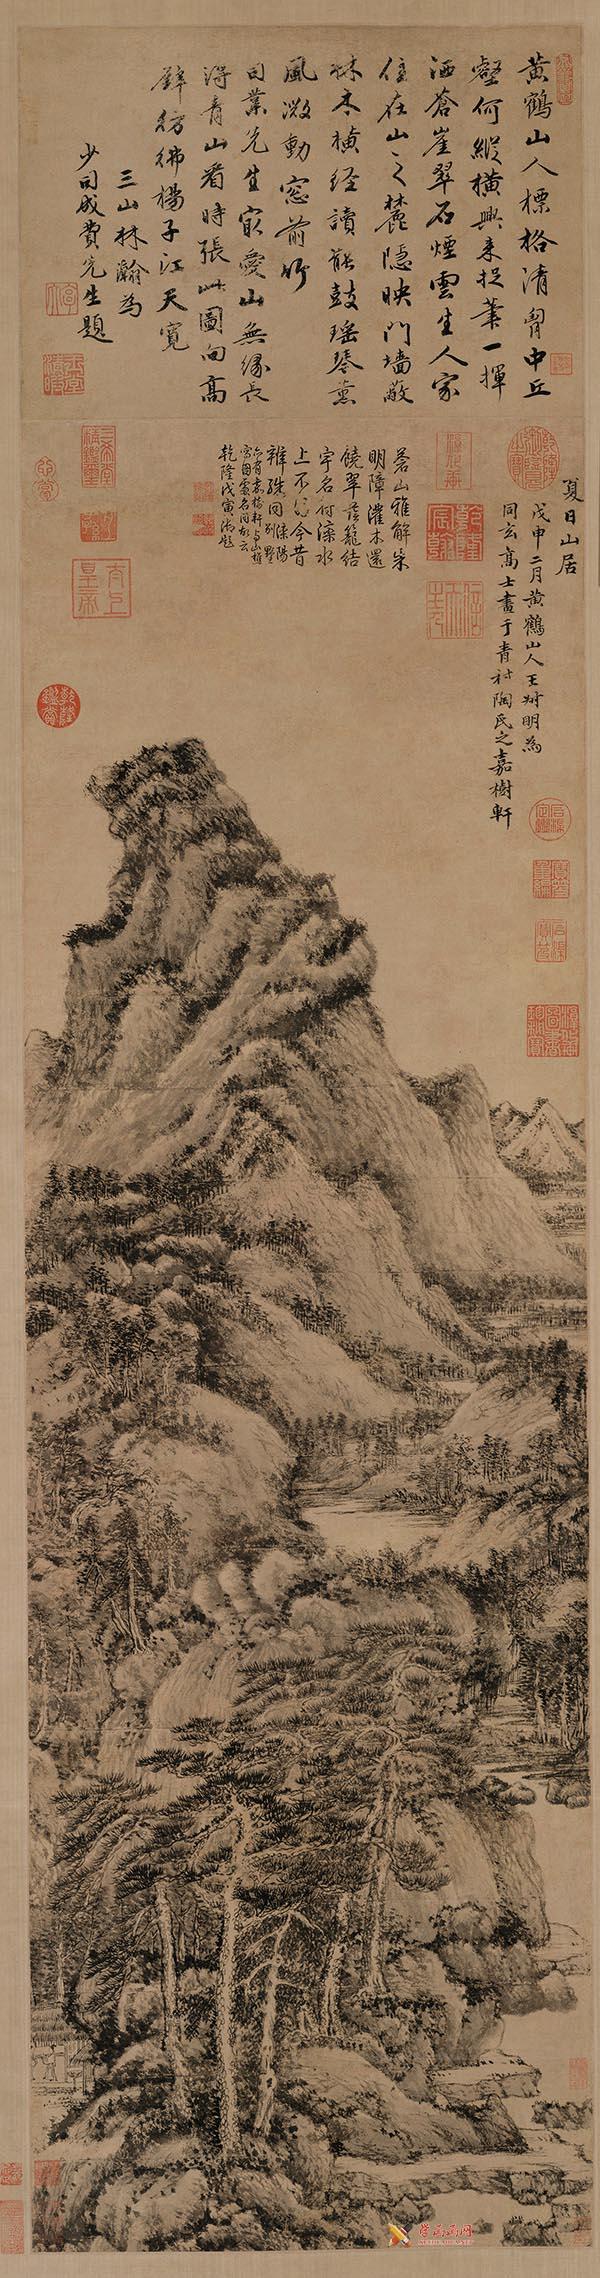 中国古画欣赏:王蒙《夏日山居图》(1)